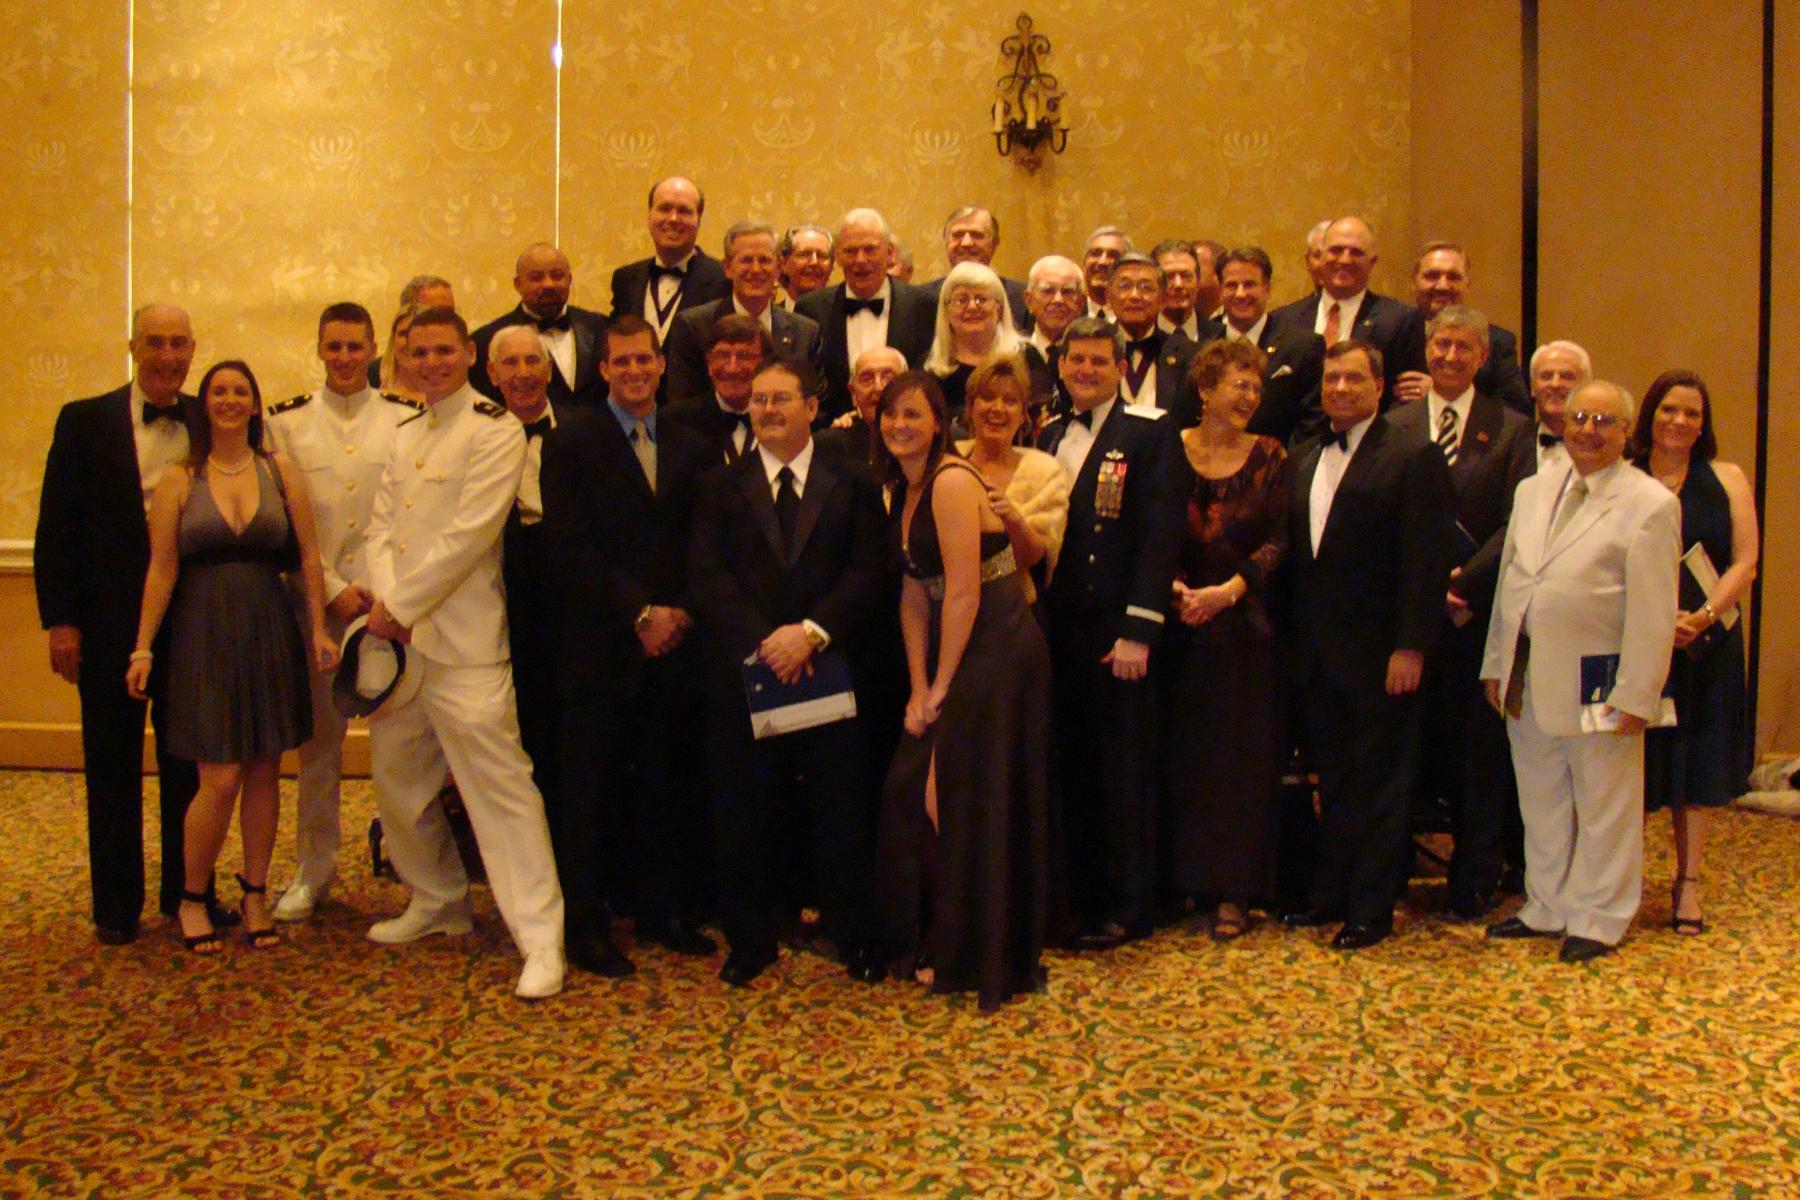 Tony Jannus Award Recipients, Board Members & Scholar Award Winners - 1, 30 Oct '08.jpg